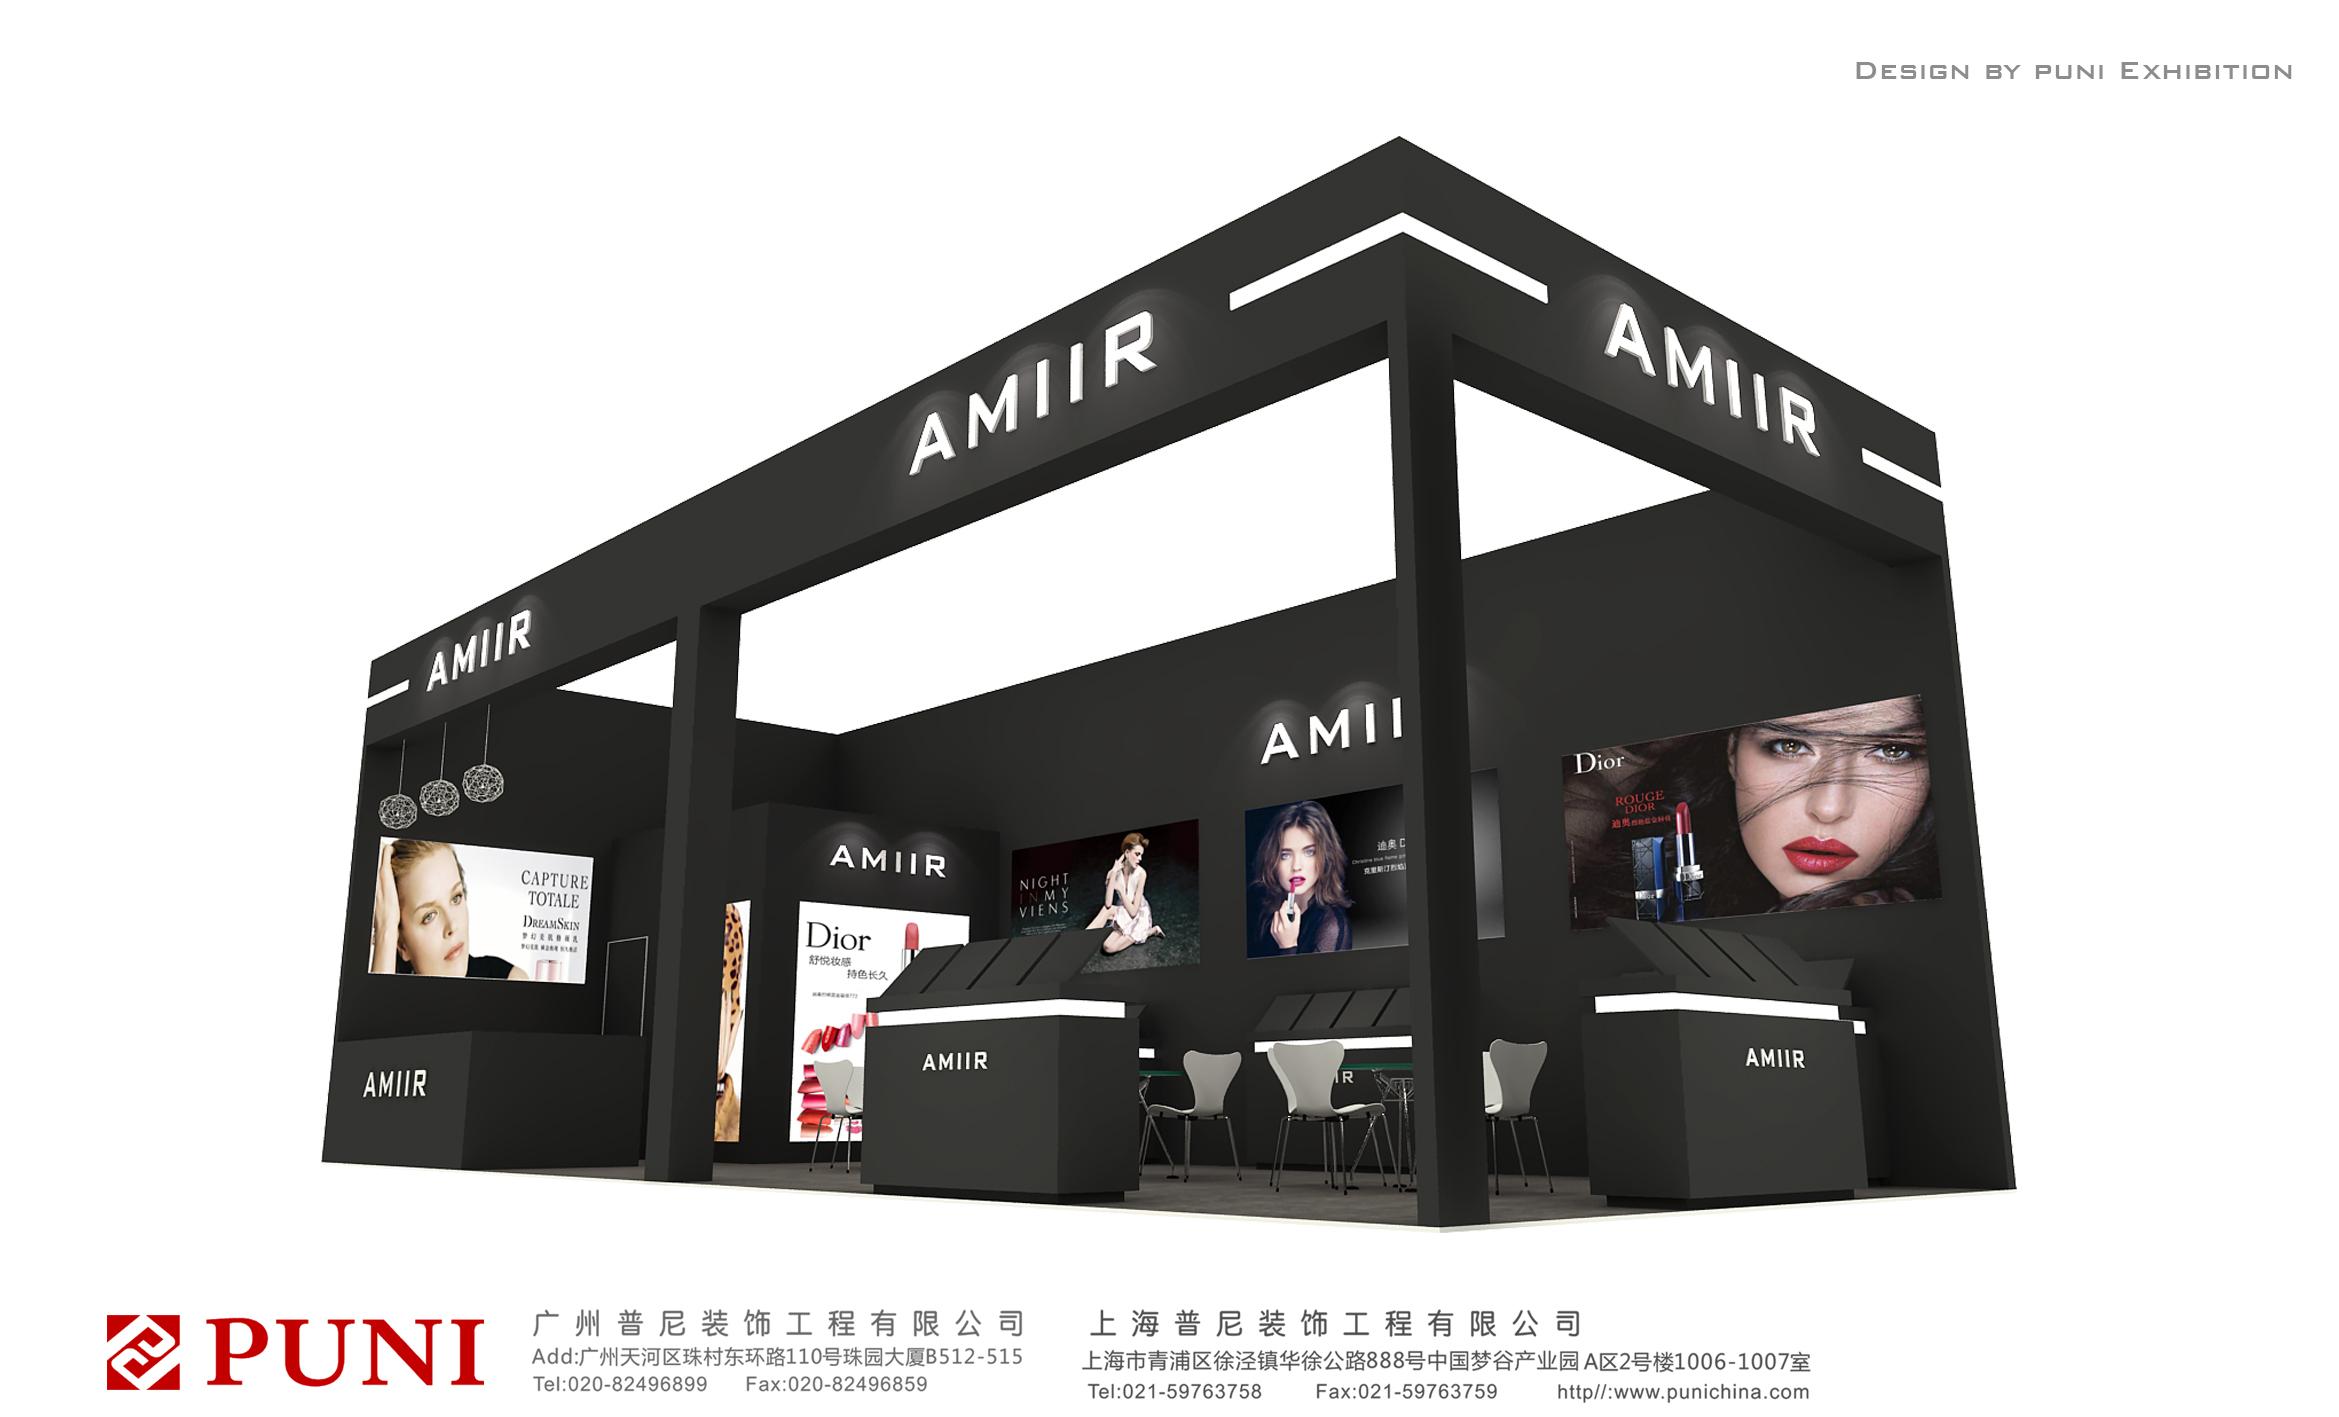 AMIIR婚纱展台设计